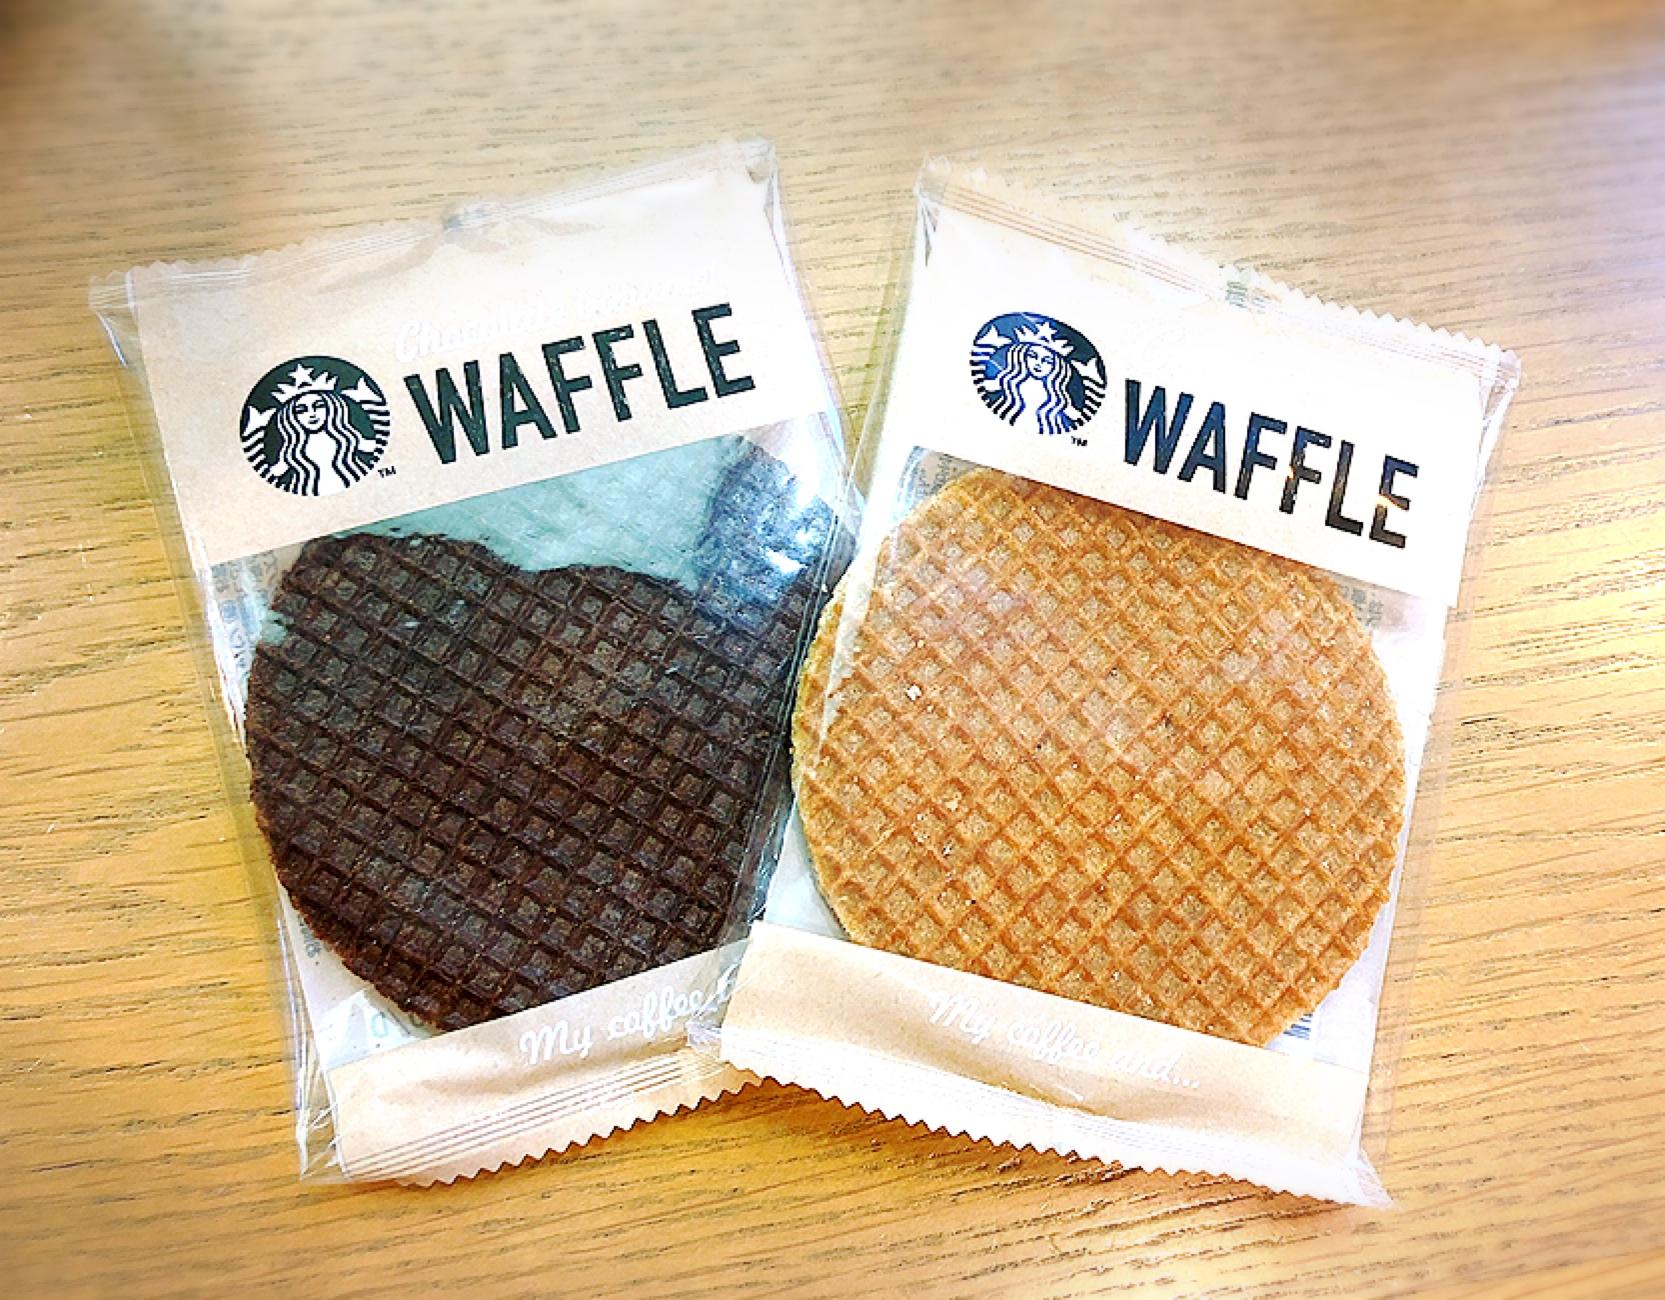 【#スタバ】あと5日!ほうじ茶フラペ、ラテが美味しすぎる\( °ω° )/♡ ラテに◎店員さんオススメの甘〜いフードは◯◯…♩_4